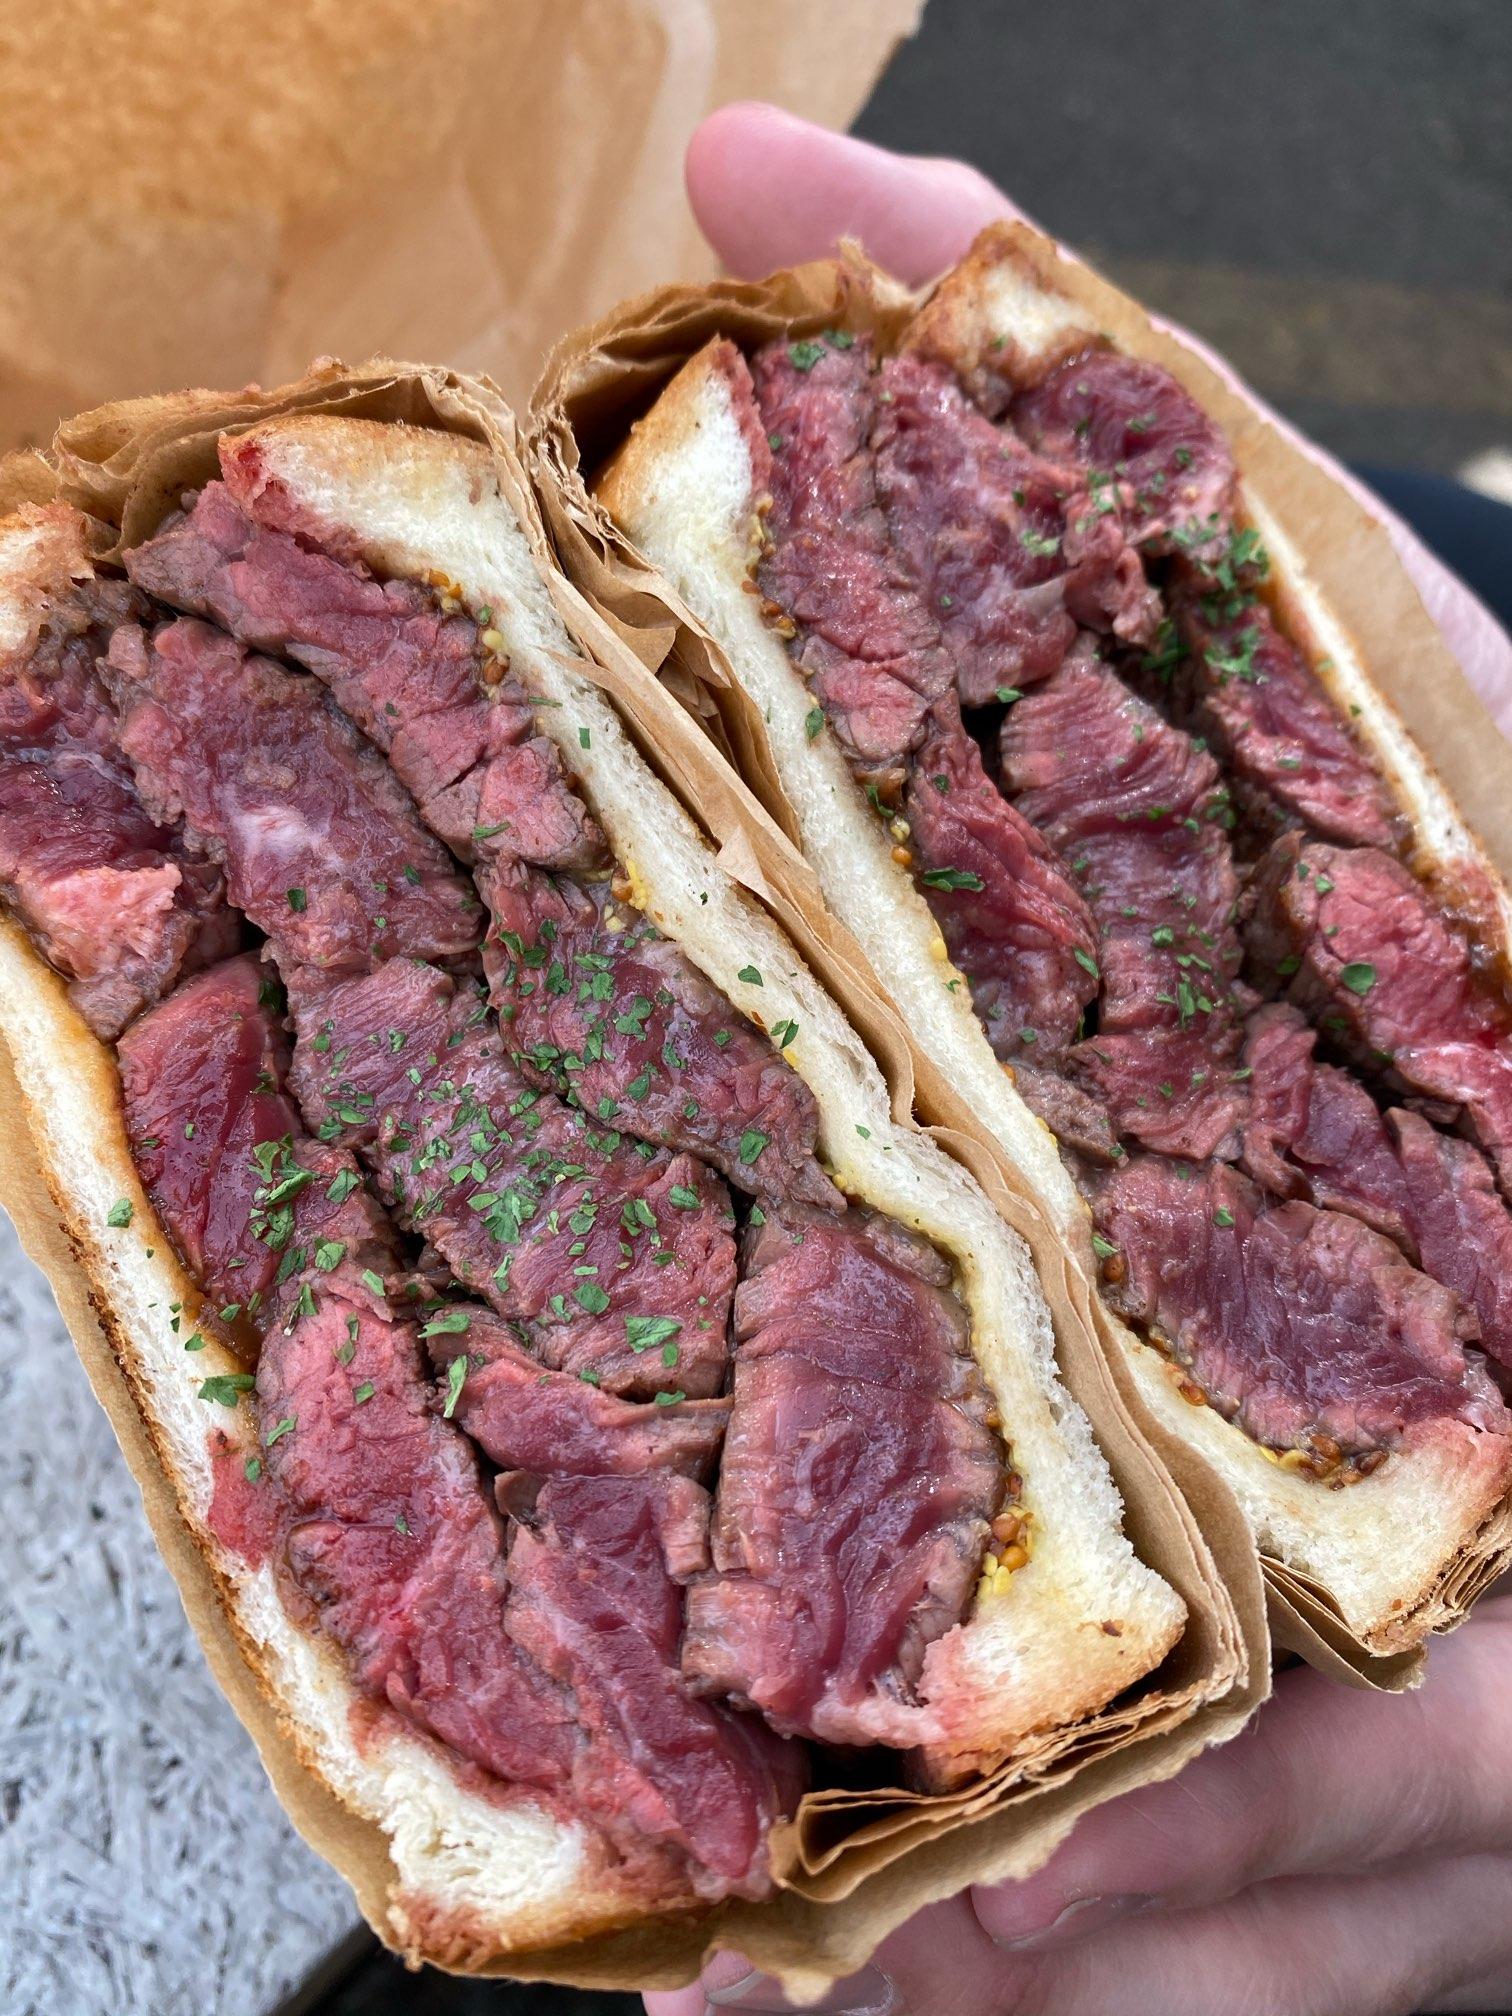 【東京】驚くほど肉厚♡ミートサンドを食べてきました_1